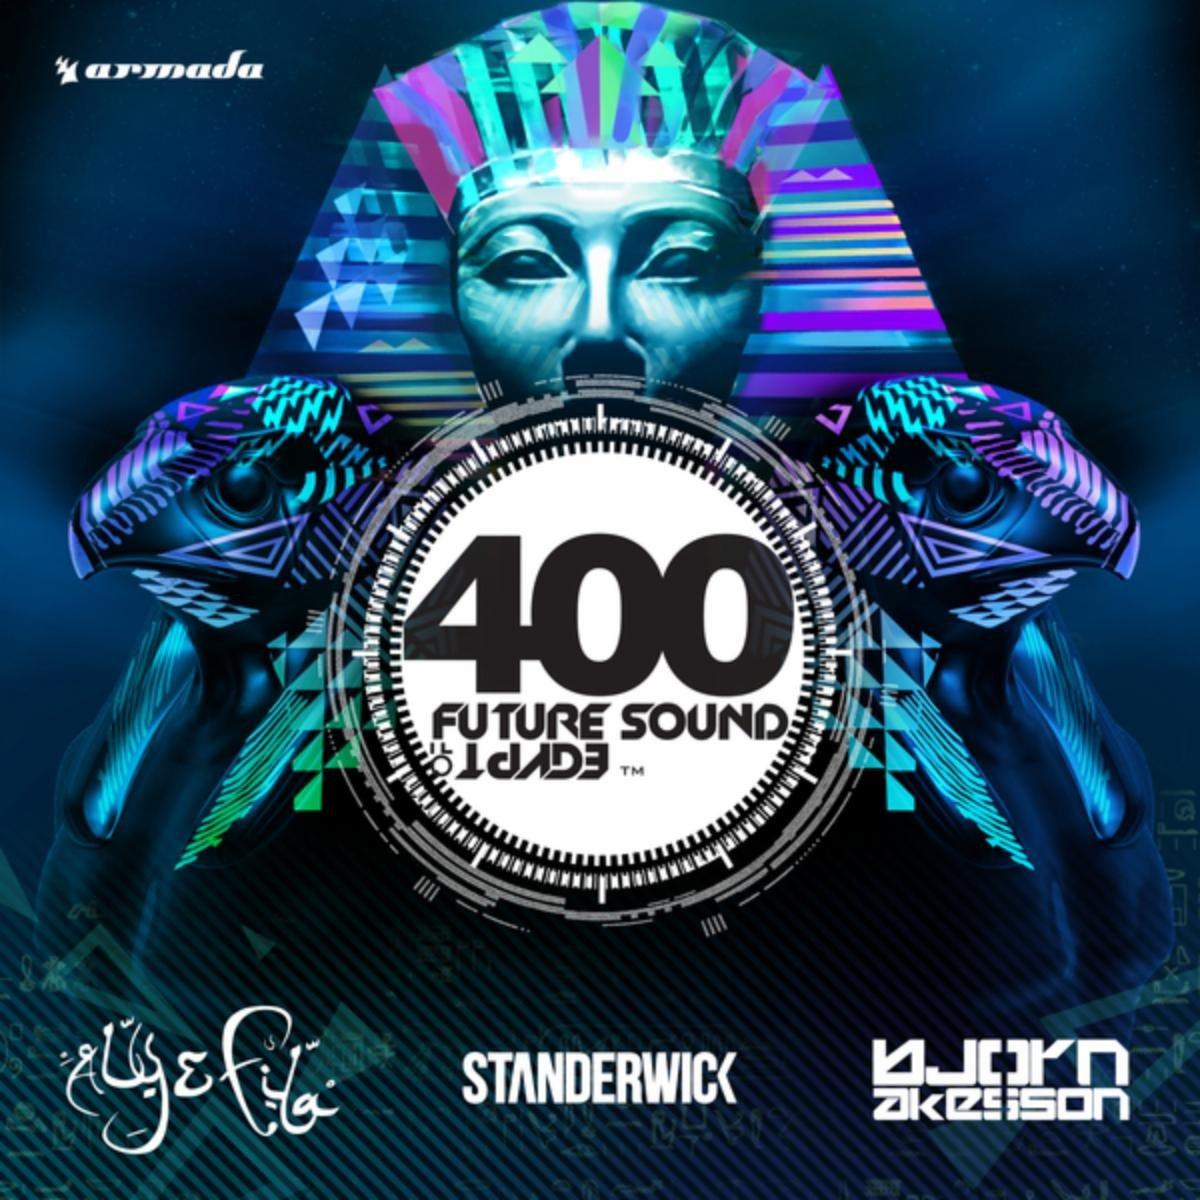 VA - Future Sound Of Egypt 400  Aly & Fila, Standerwick, Bjorn Akesson (2015) [FLAC] Download